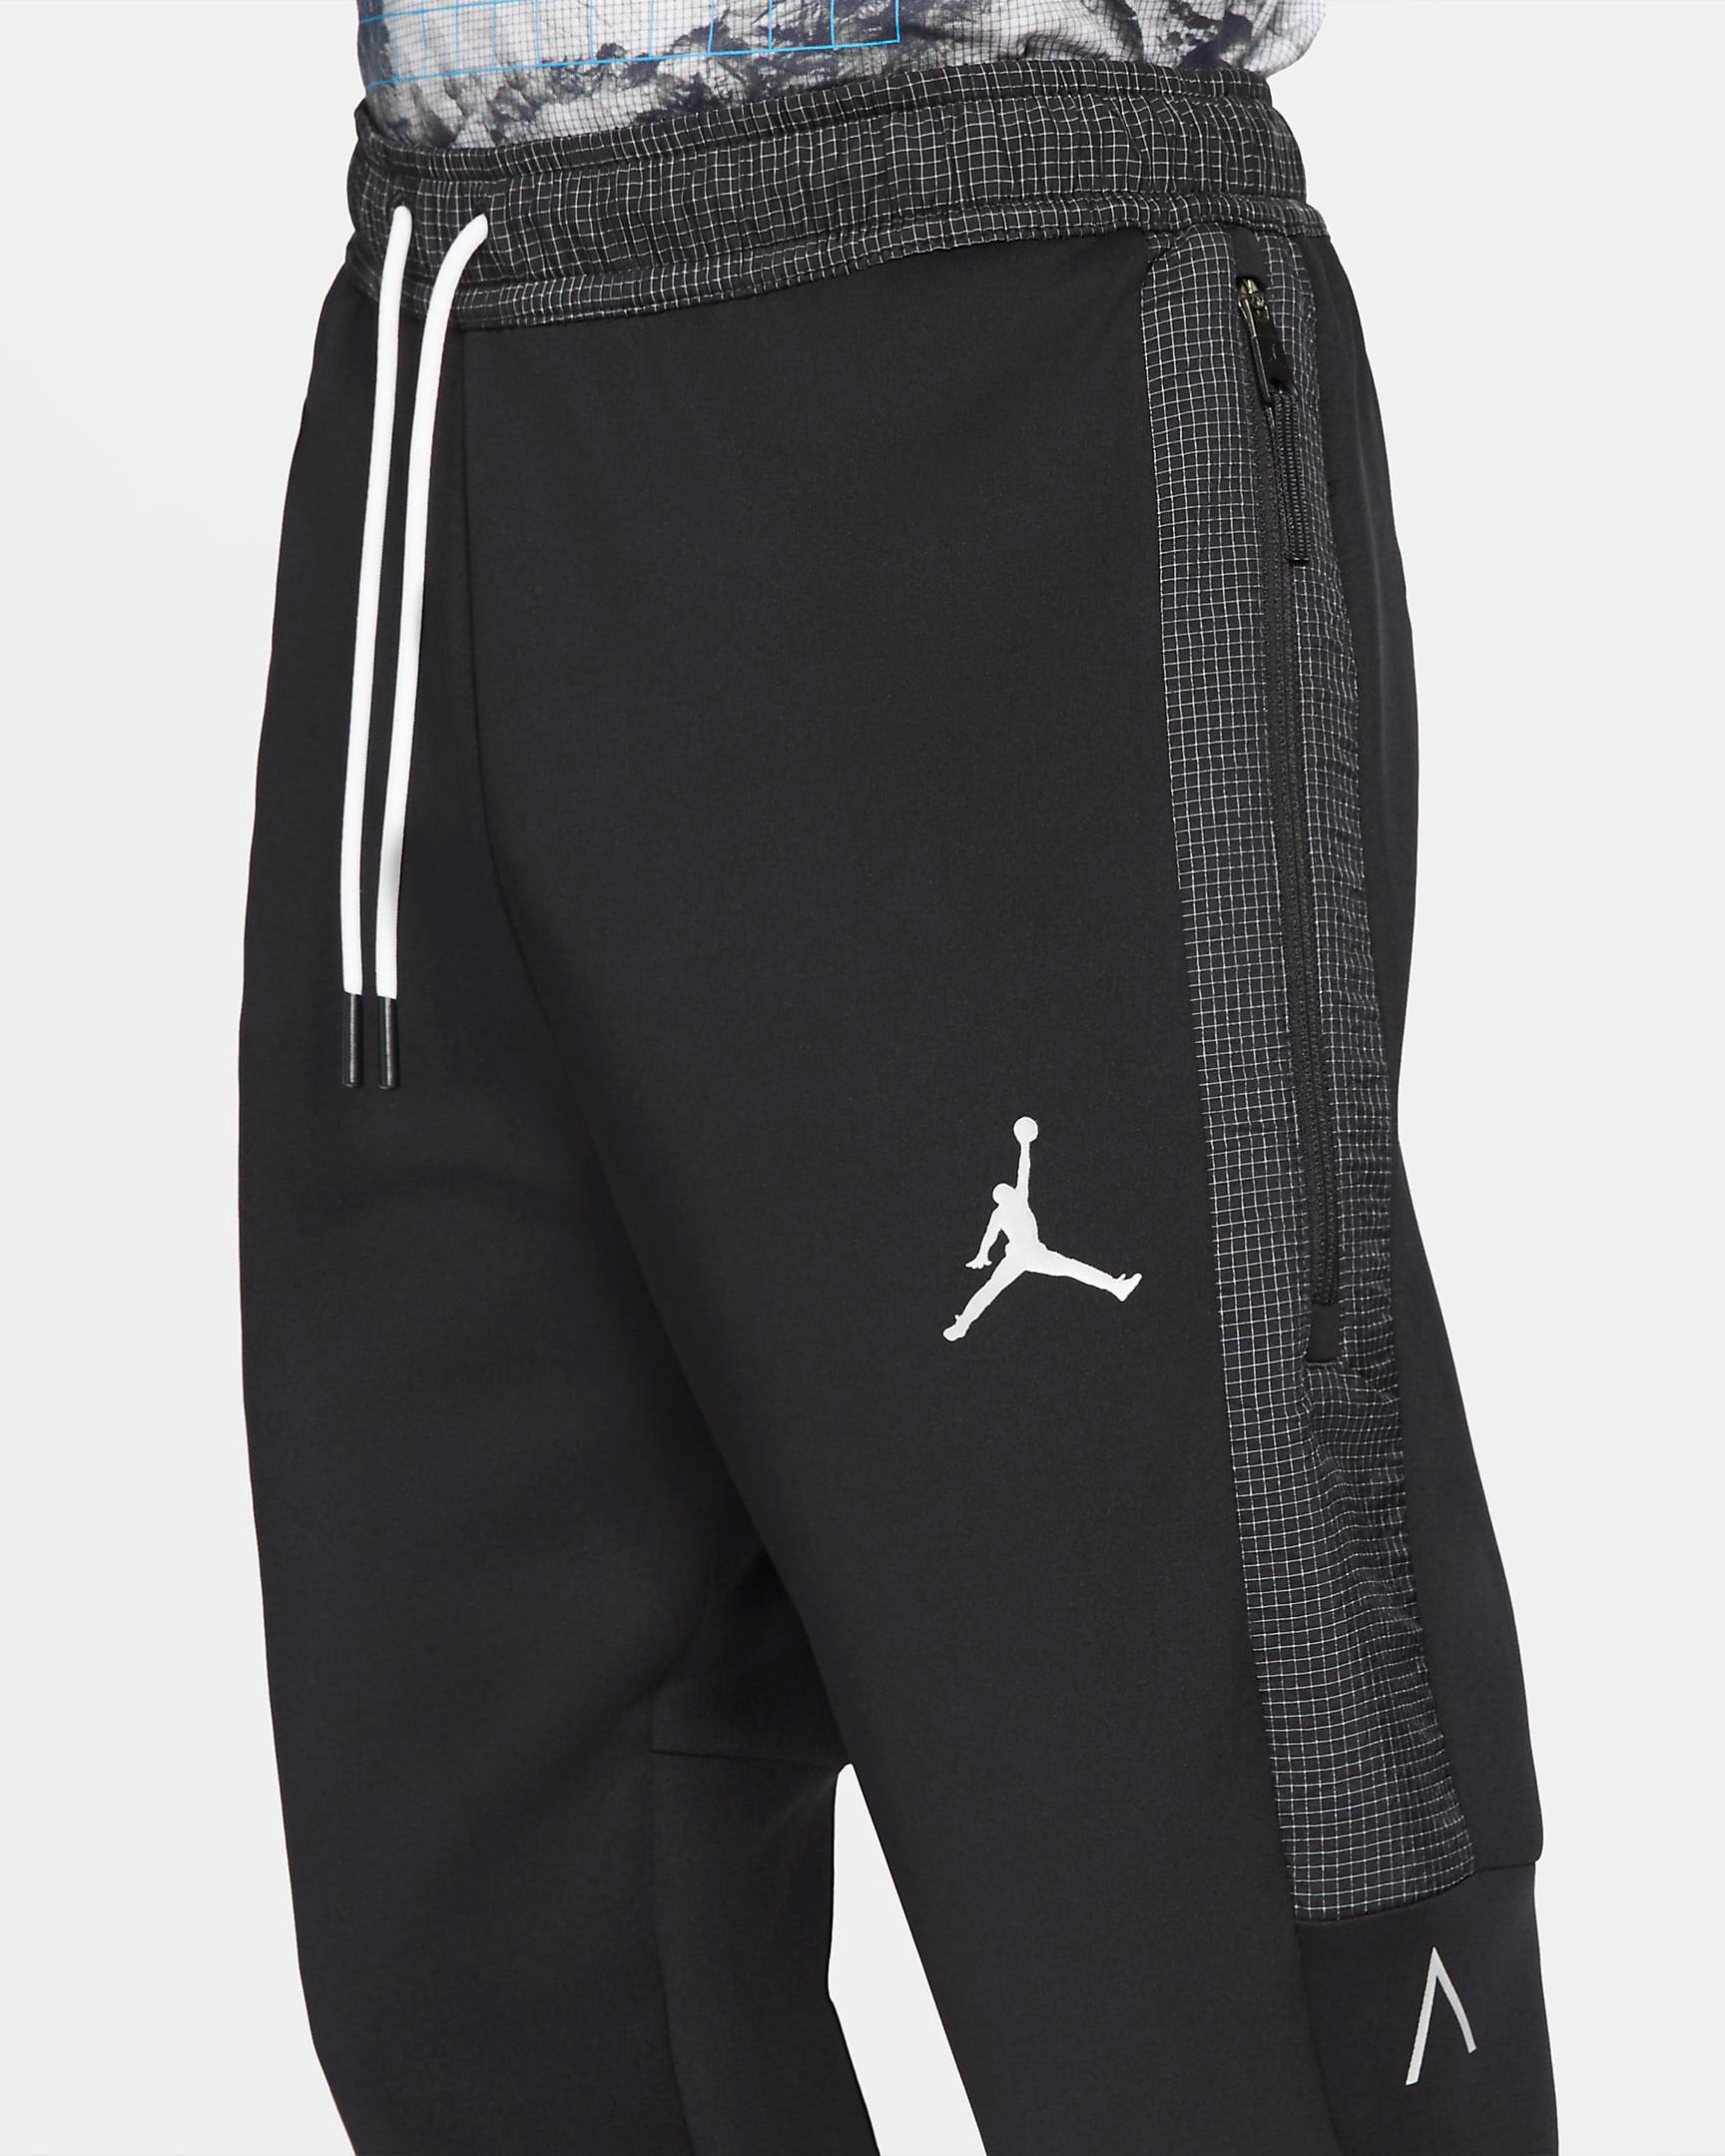 jordan-air-fleece-pants-black-white-6